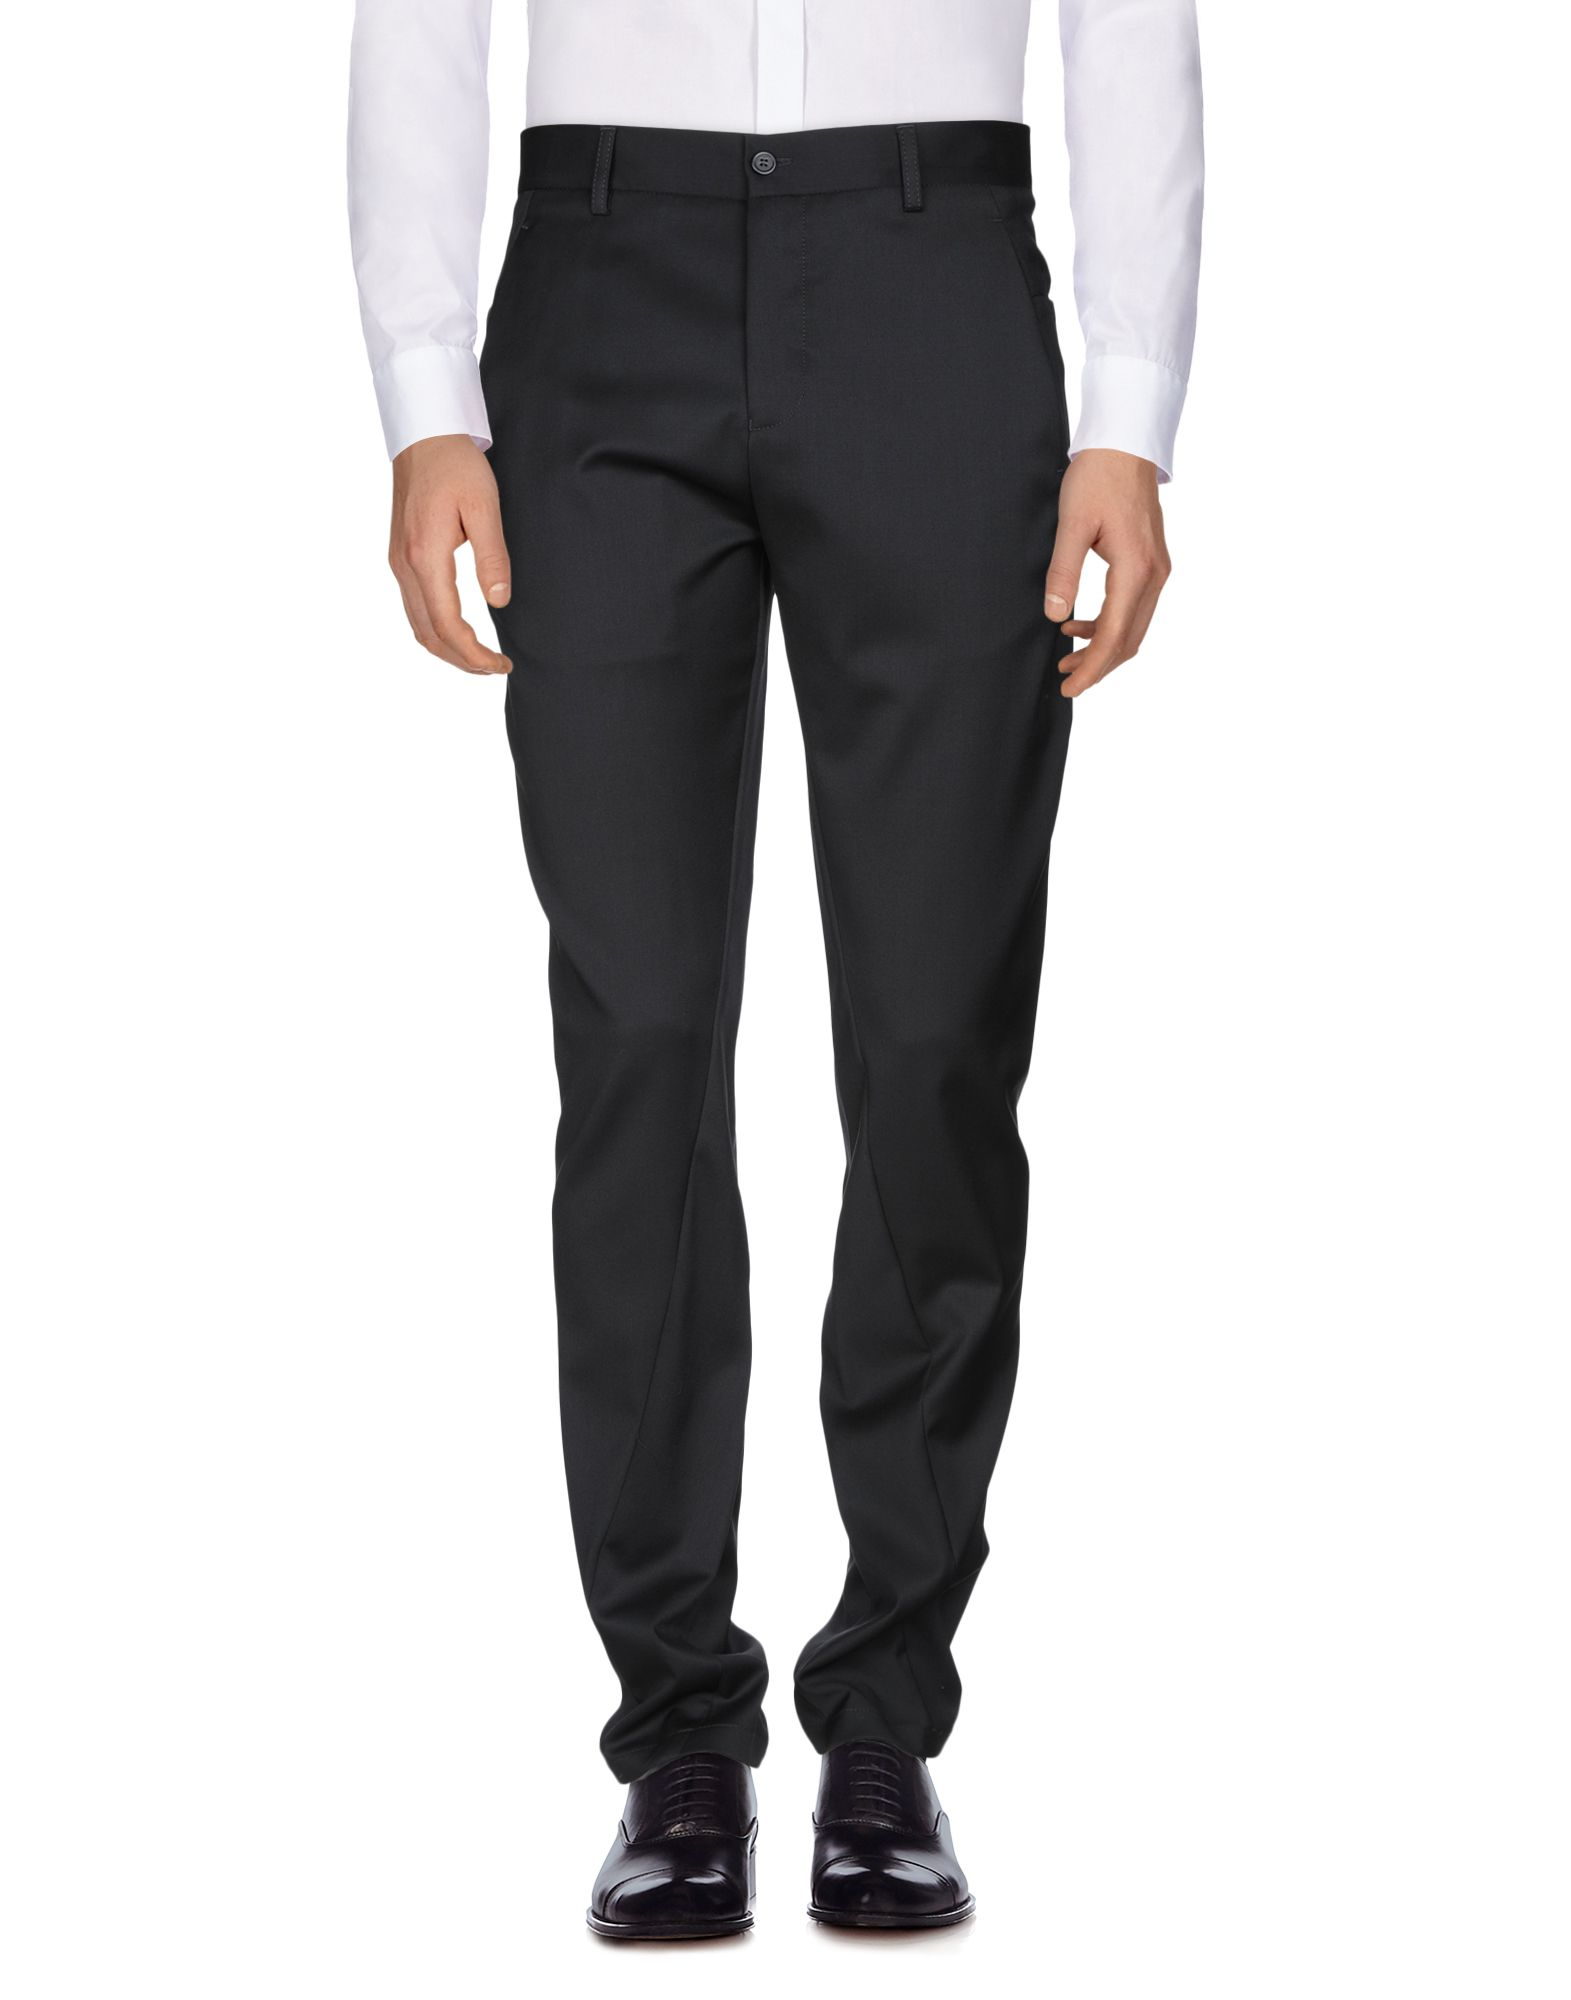 《送料無料》EMPORIO ARMANI メンズ パンツ ブラック 56 バージンウール 100%